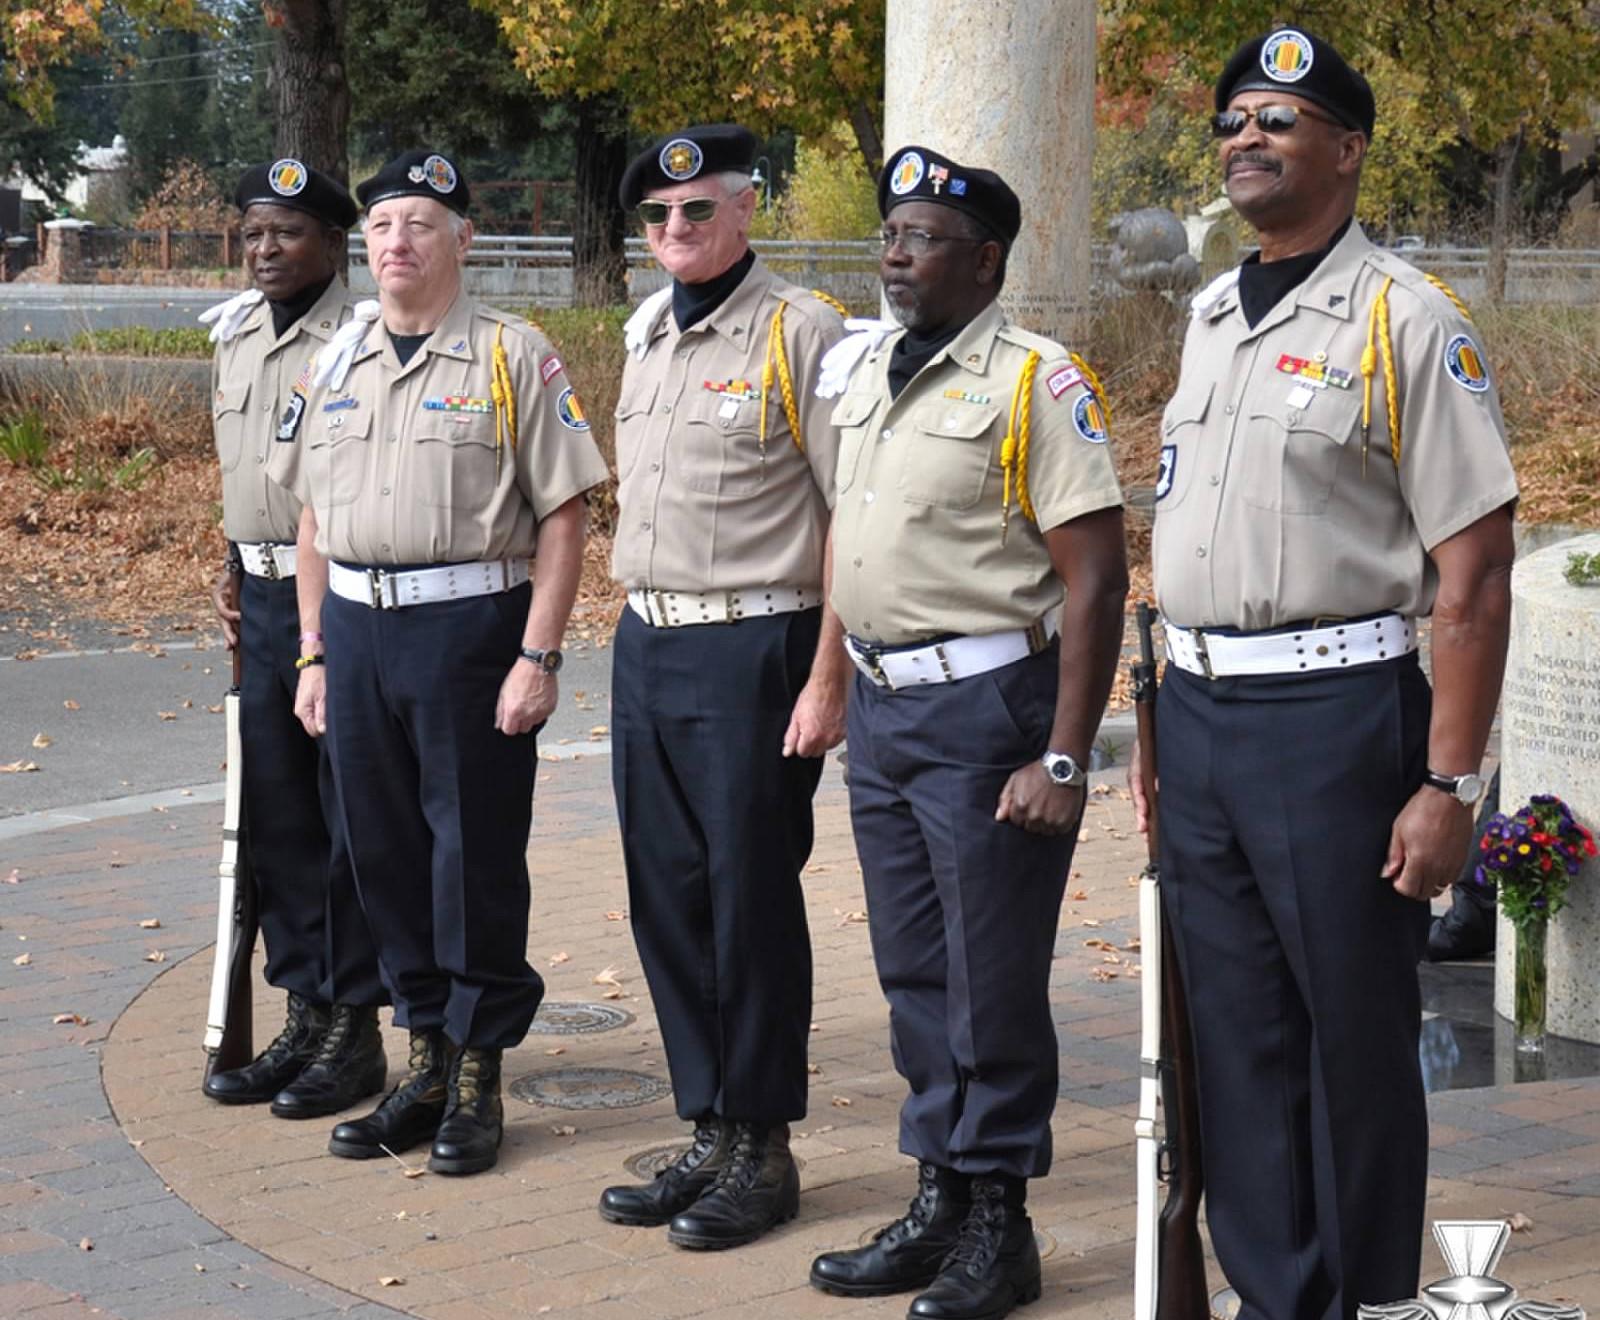 0md - 20131111 - Veterans Day - 0020